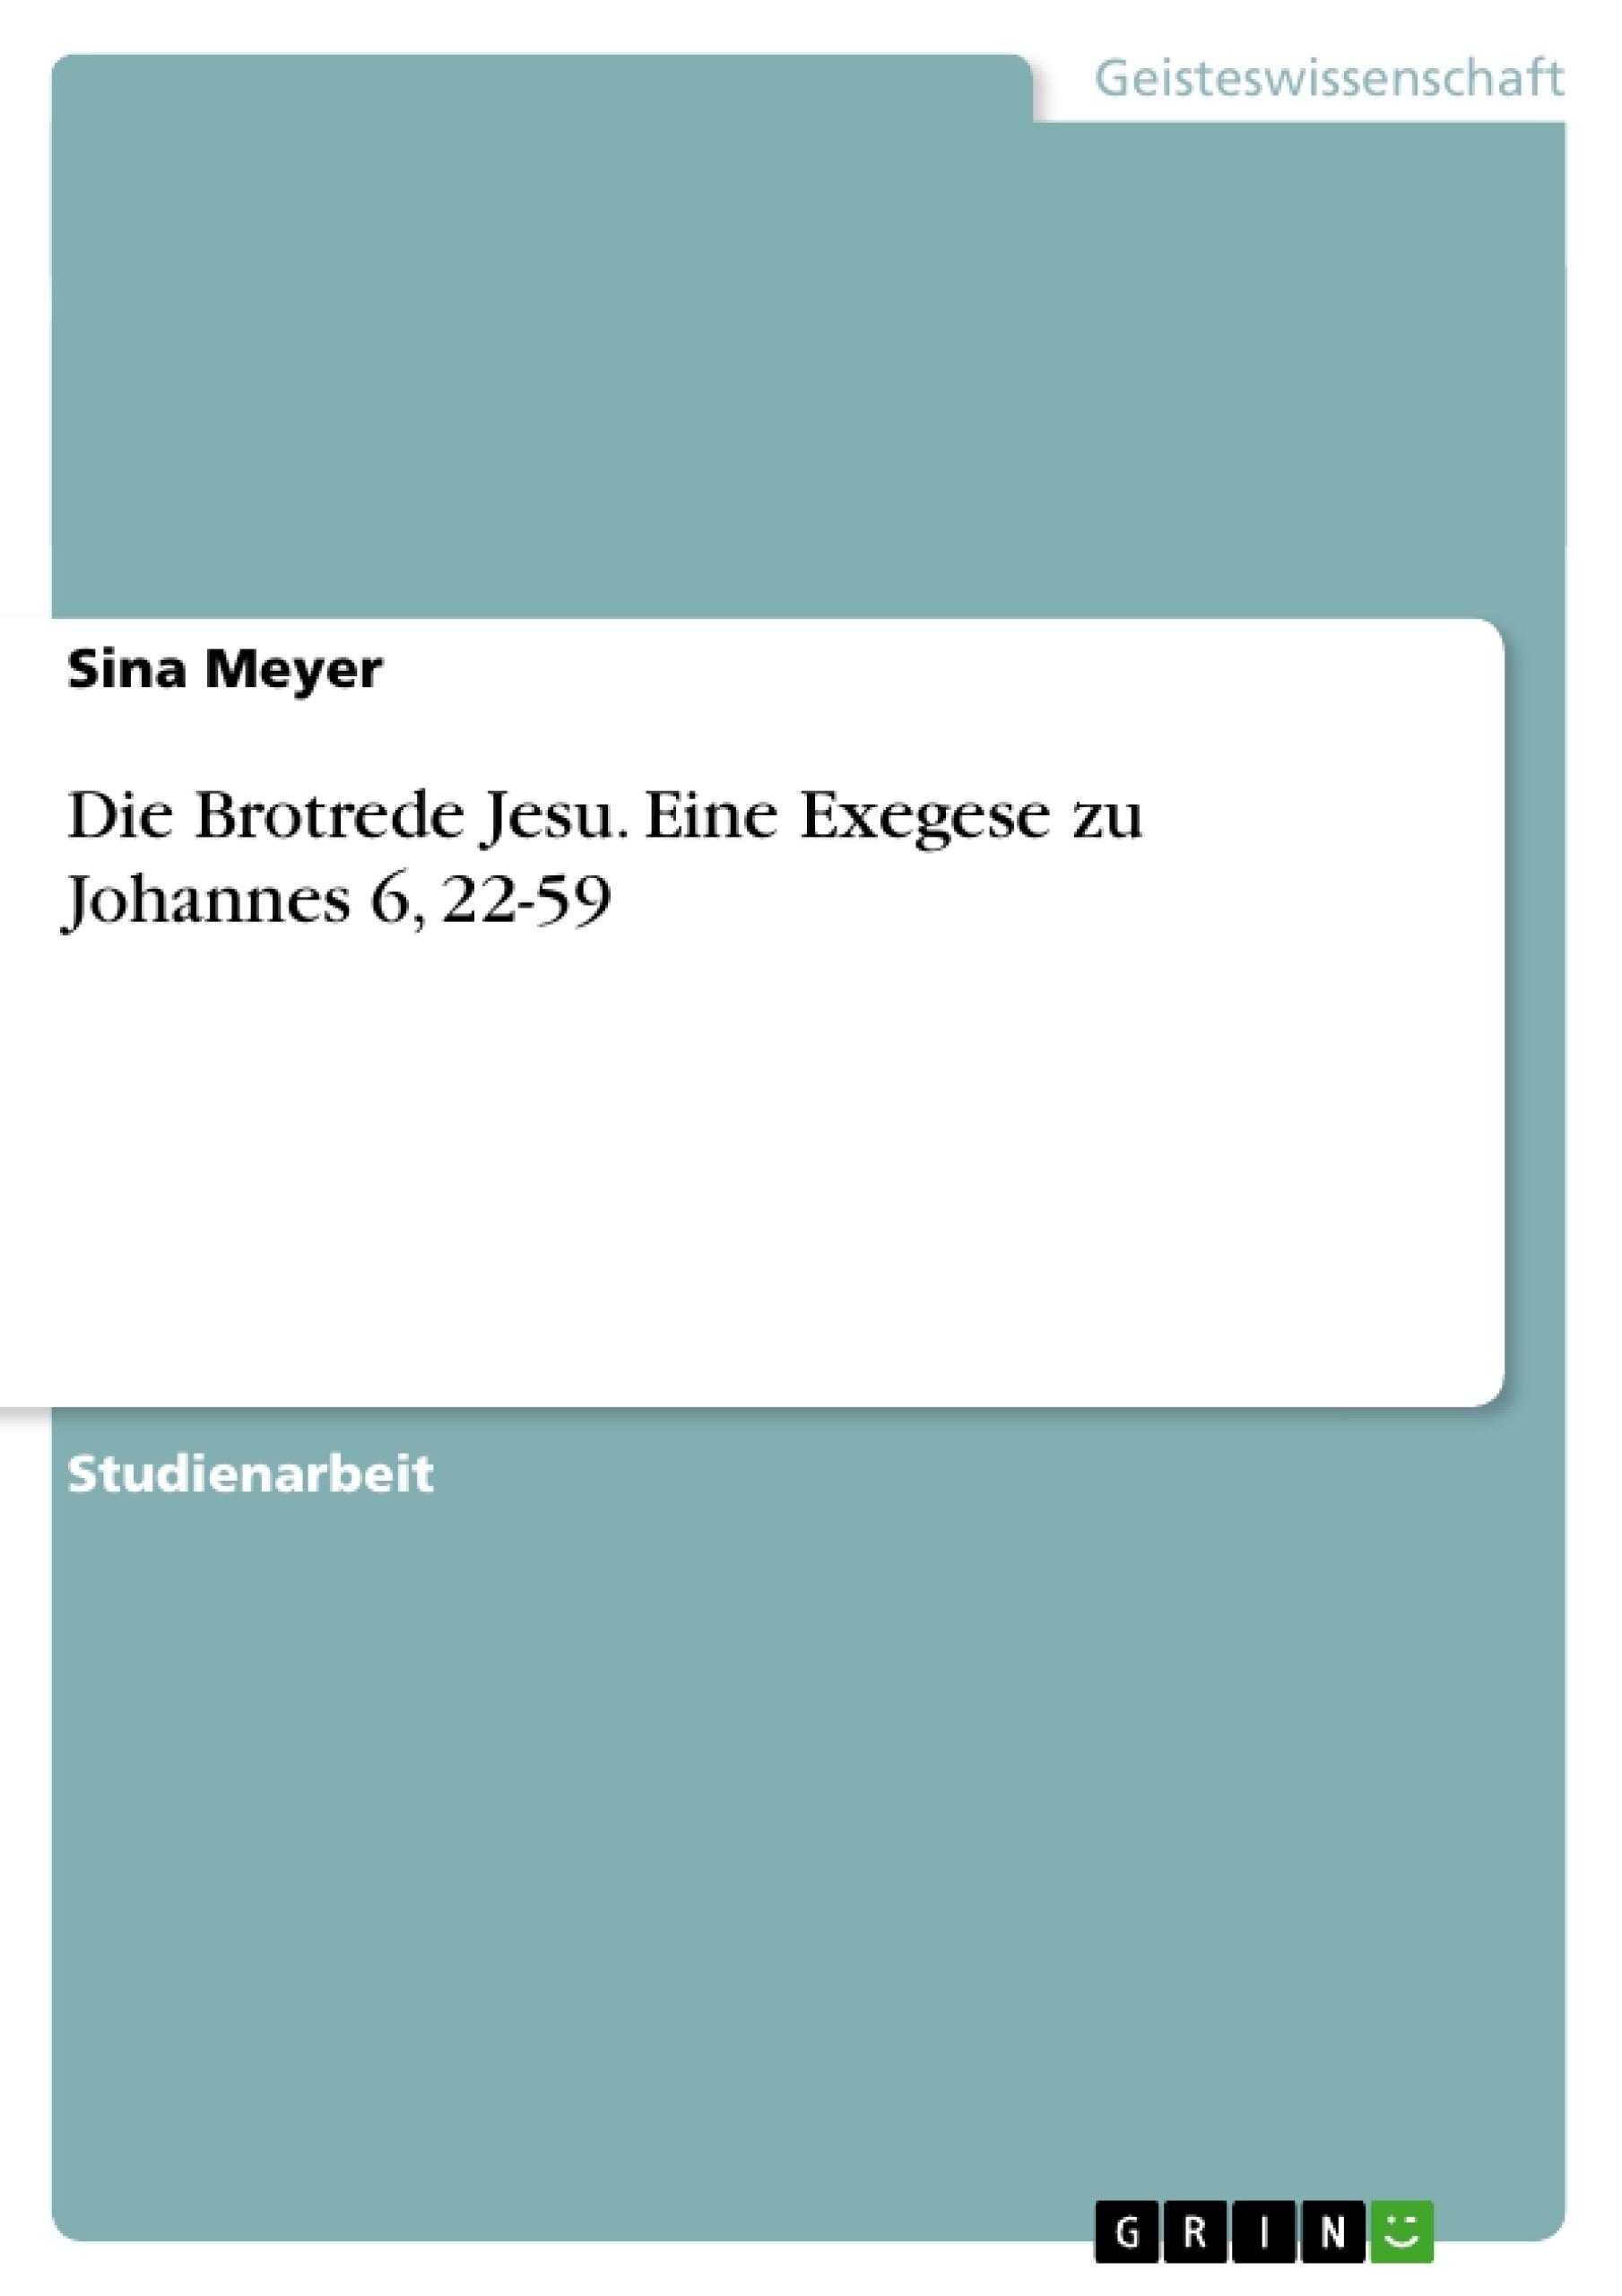 Titel: Die Brotrede Jesu. Eine Exegese zu Johannes 6, 22-59